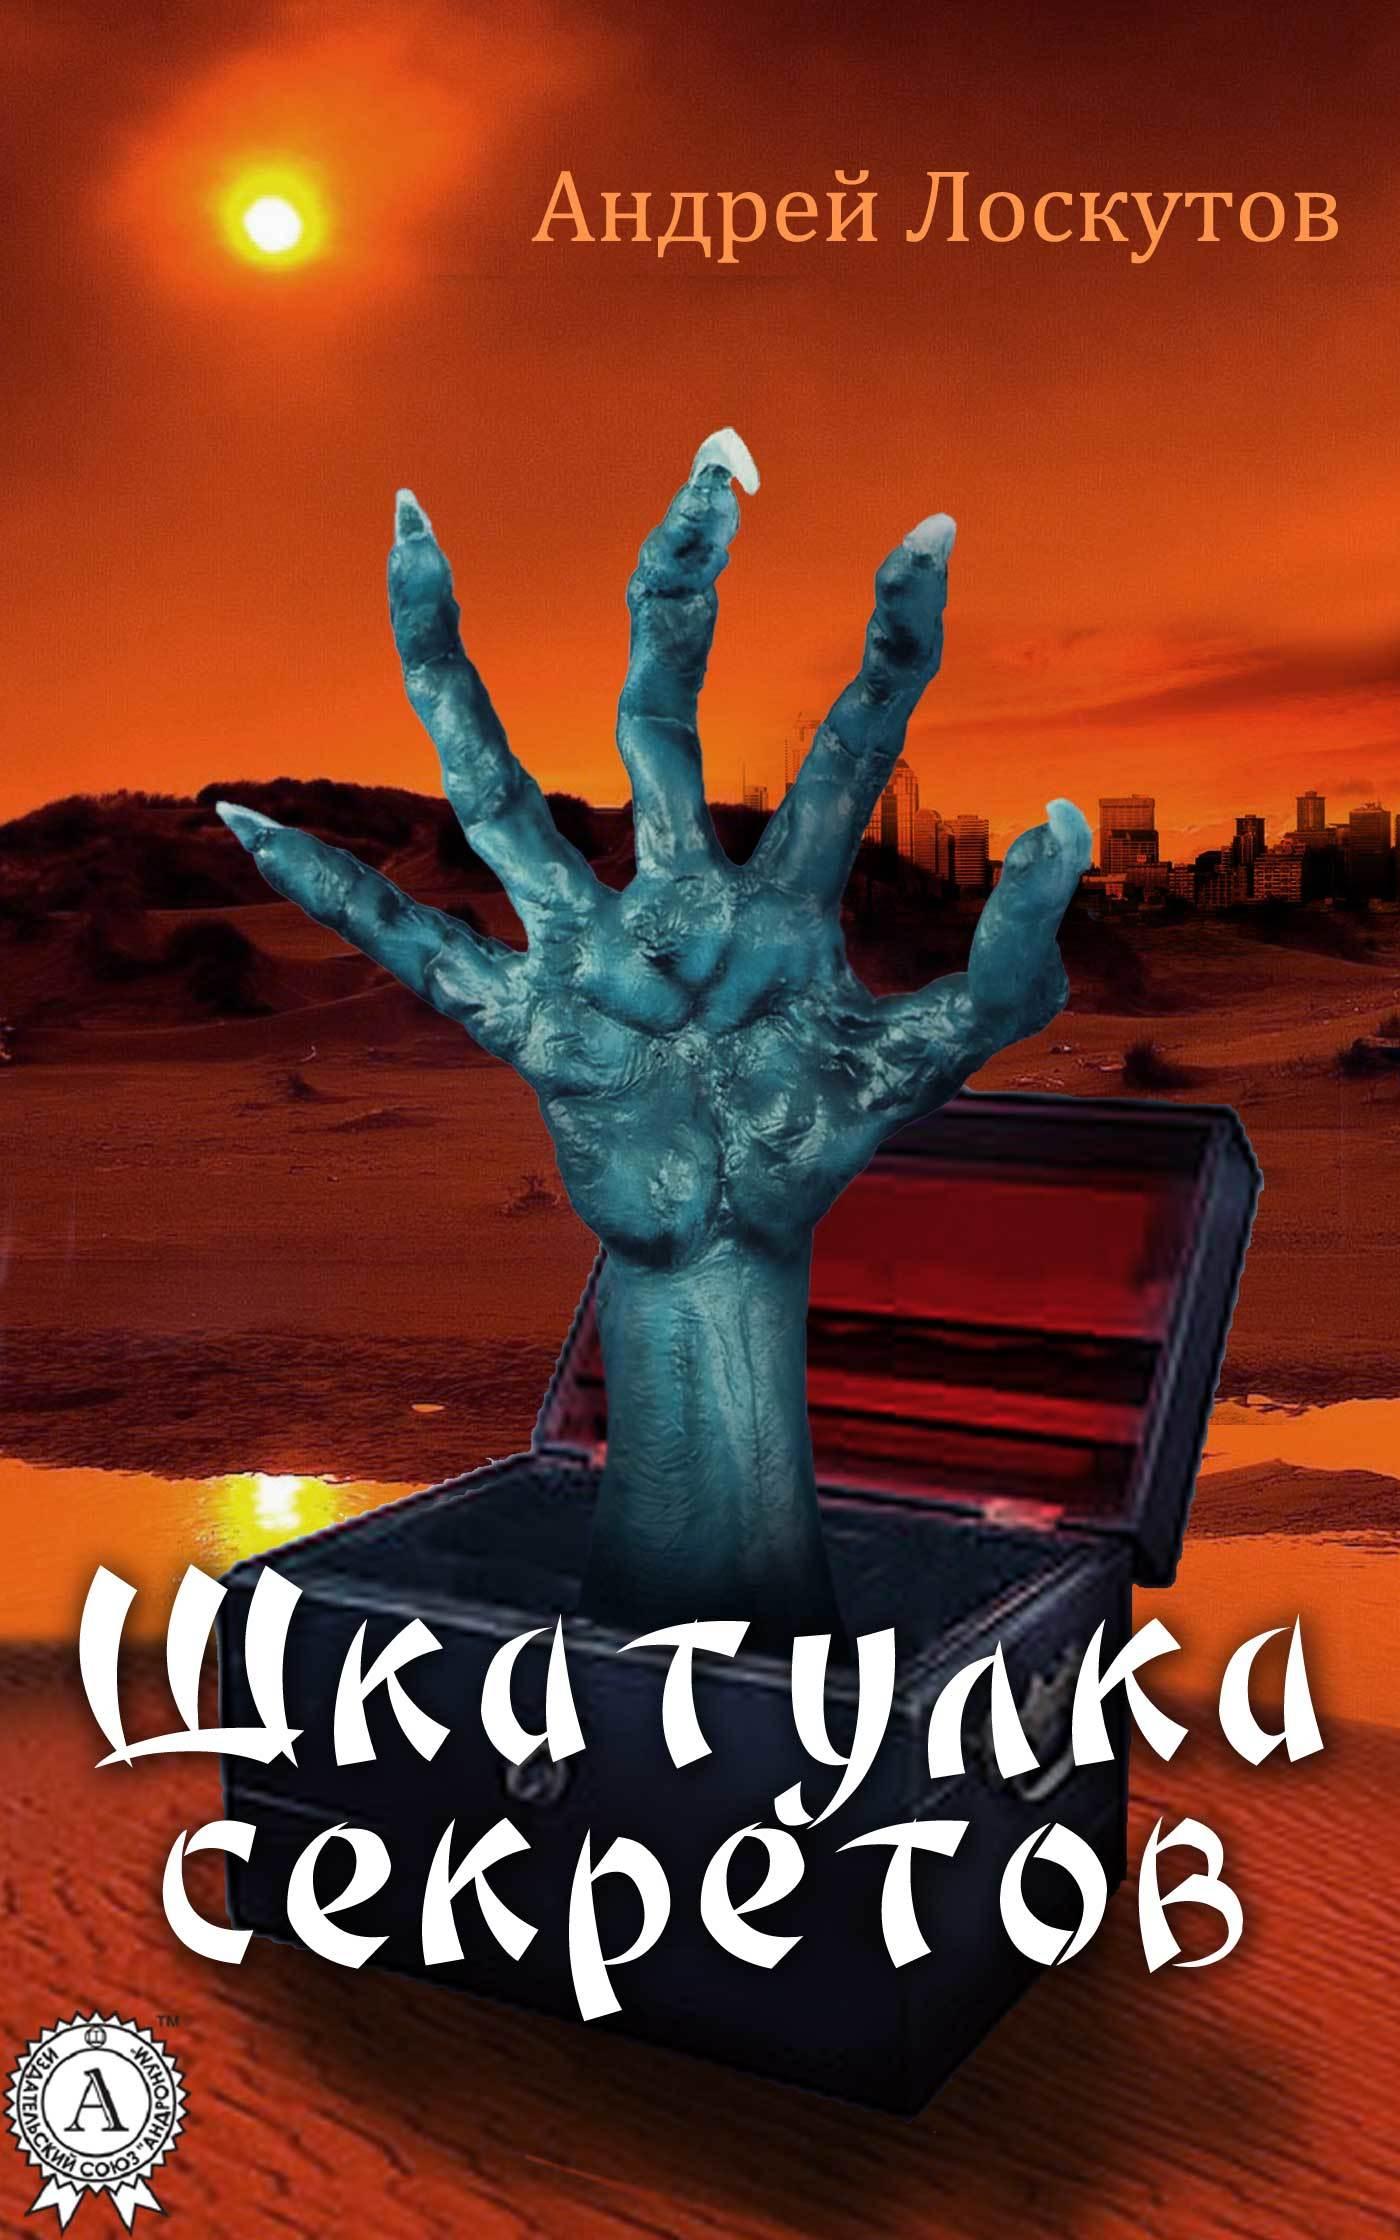 Андрей Лоскутов Шкатулка секретов (сборник рассказов) журнал 1000 секретов